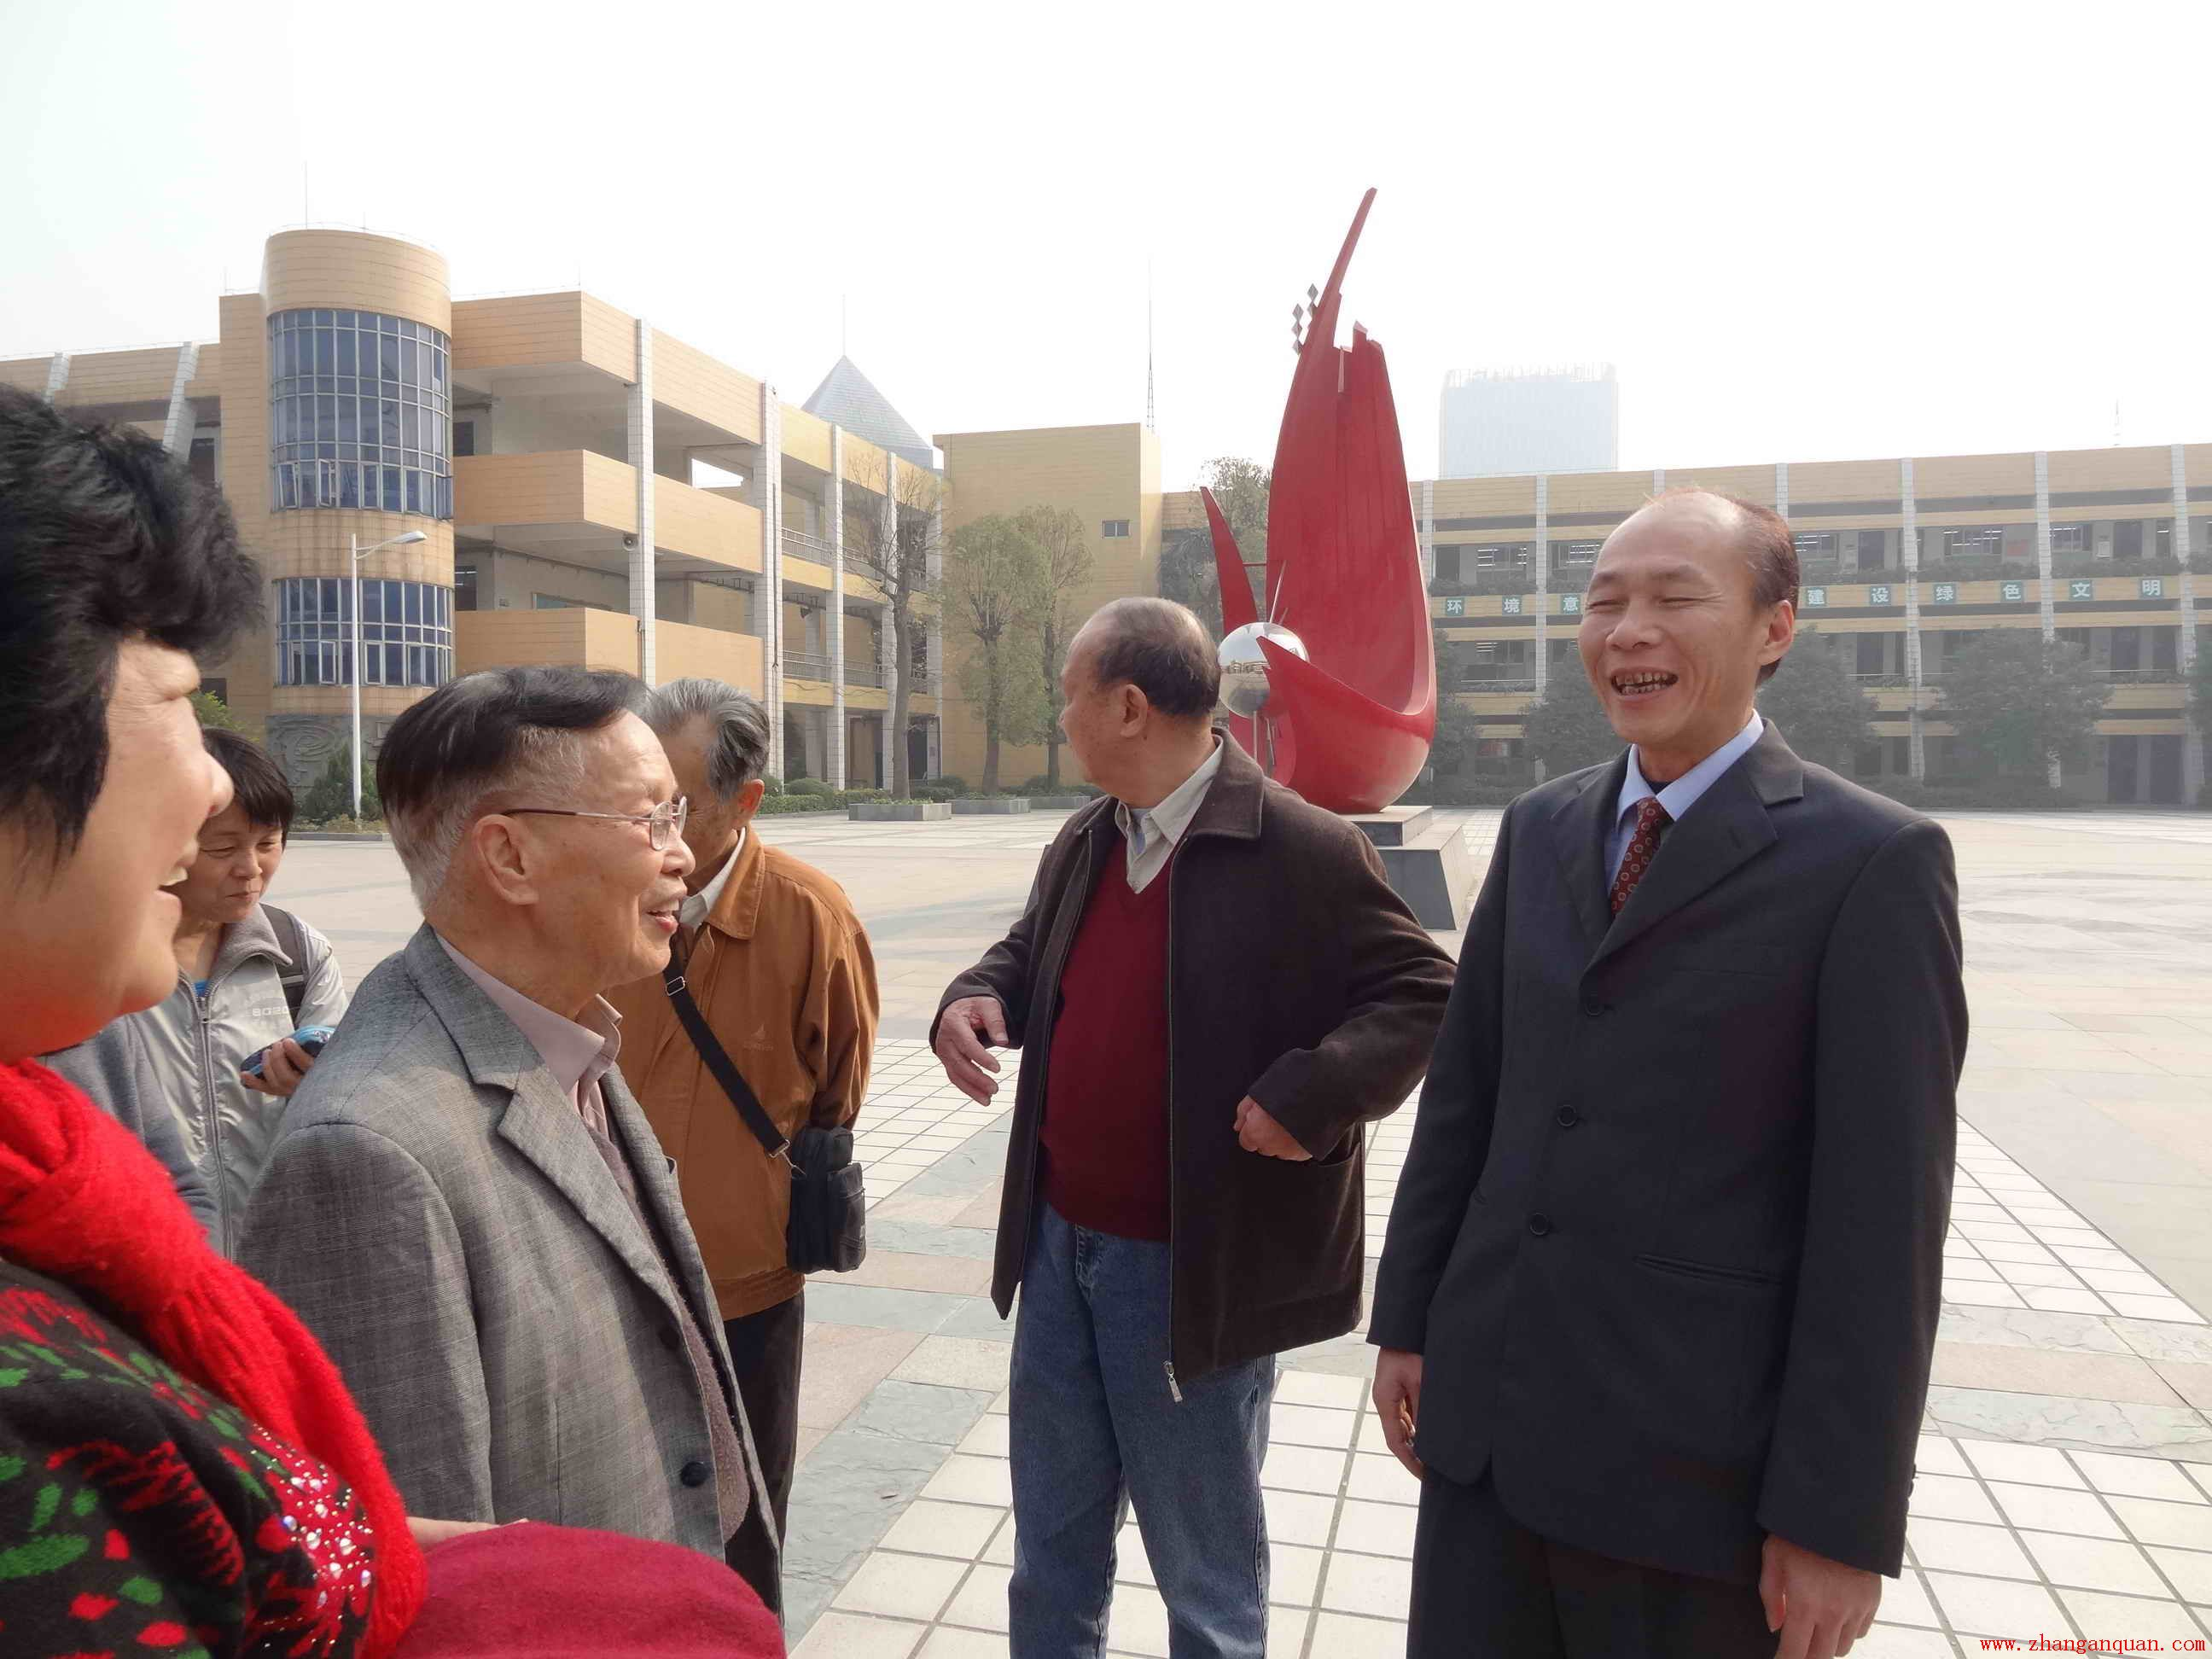 新塘中学老校长吴佩珩带队参观甘泉小学